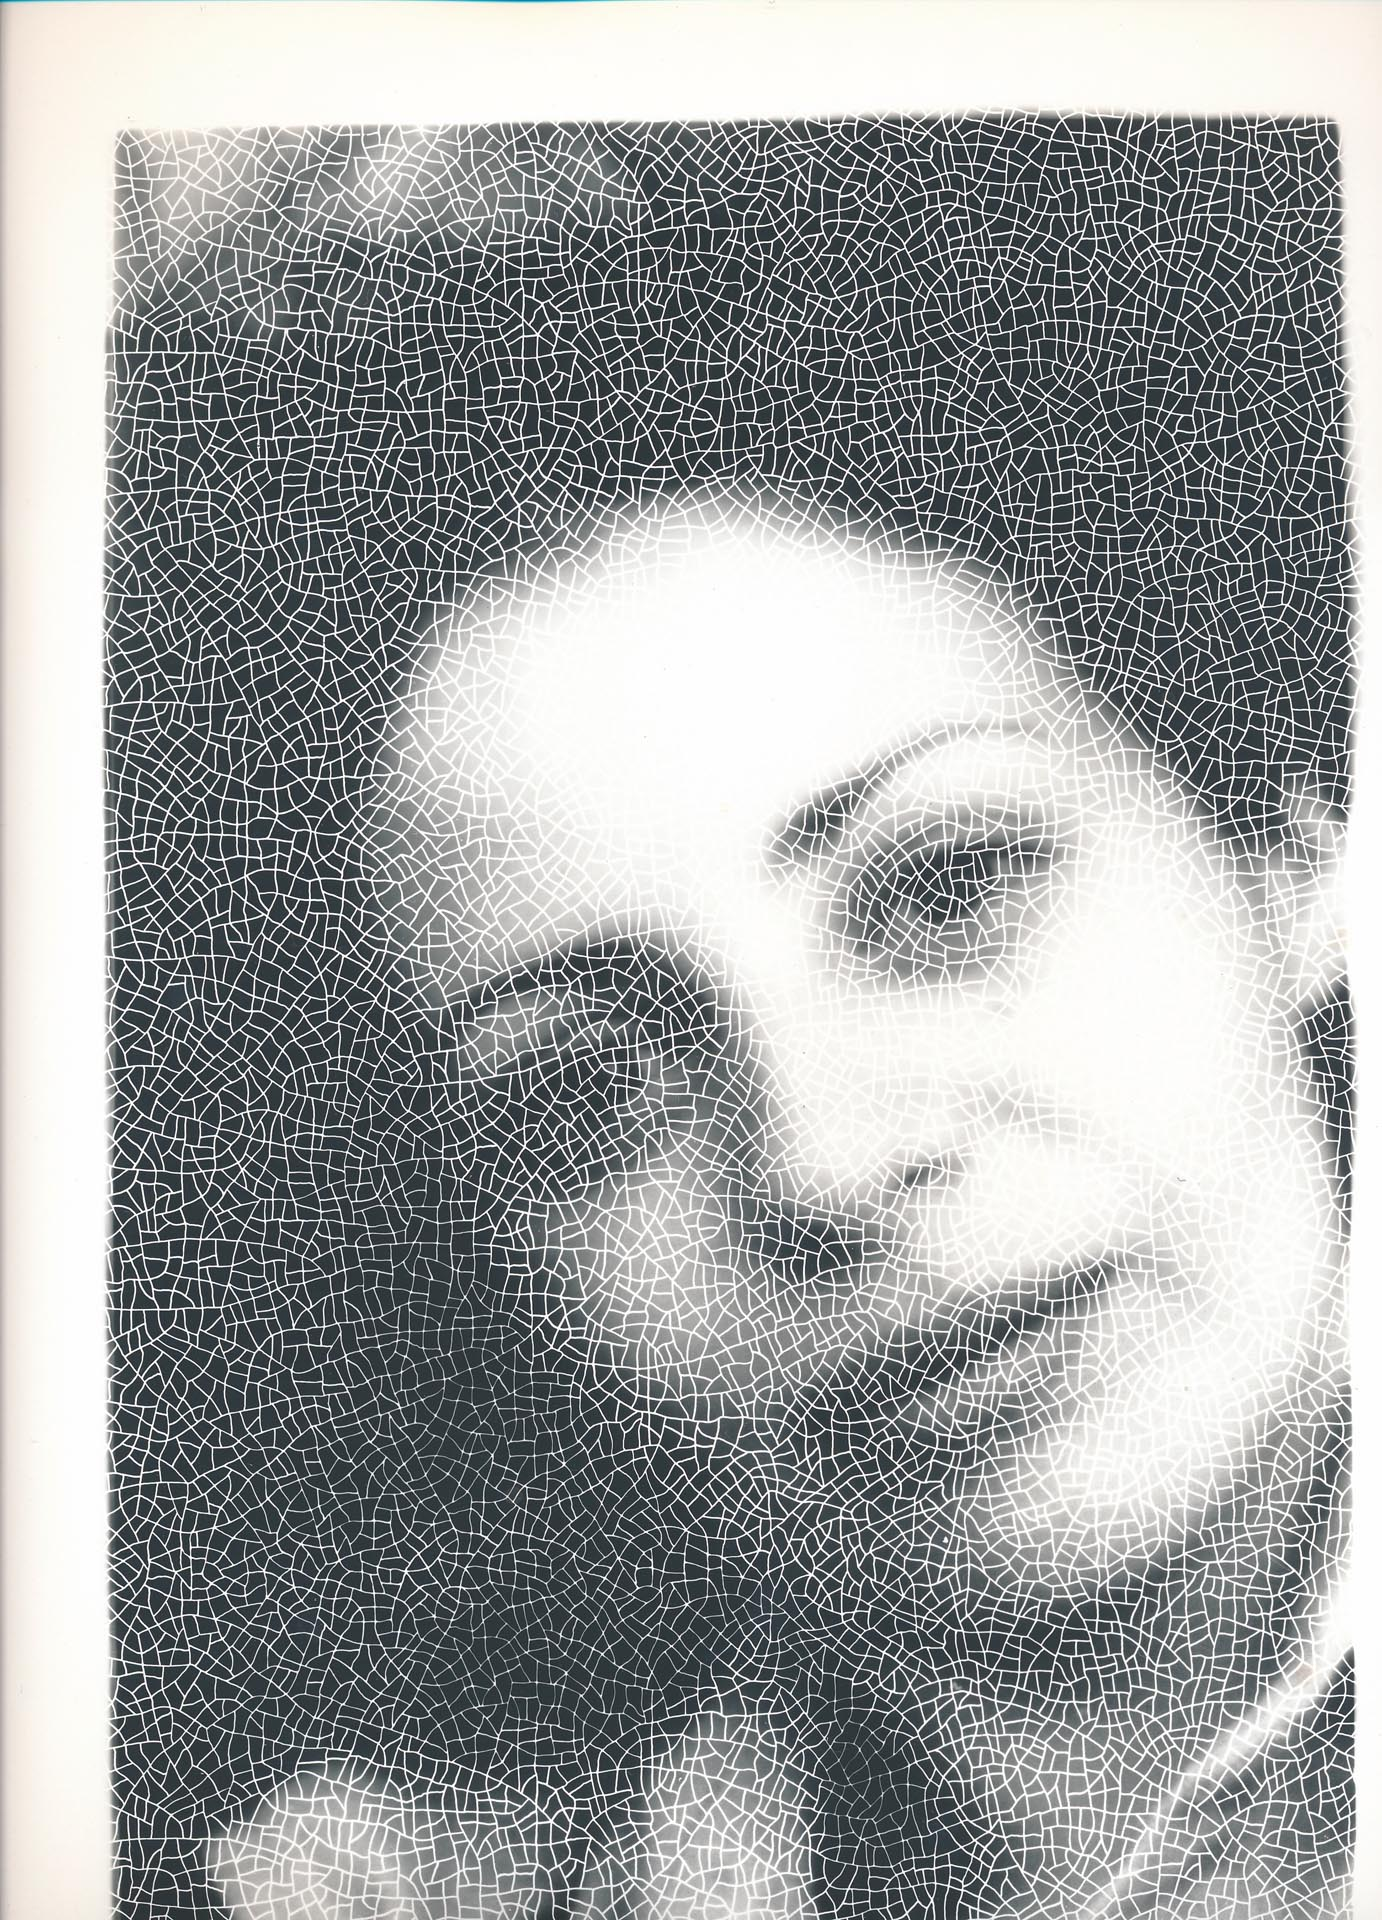 Lella, 2003